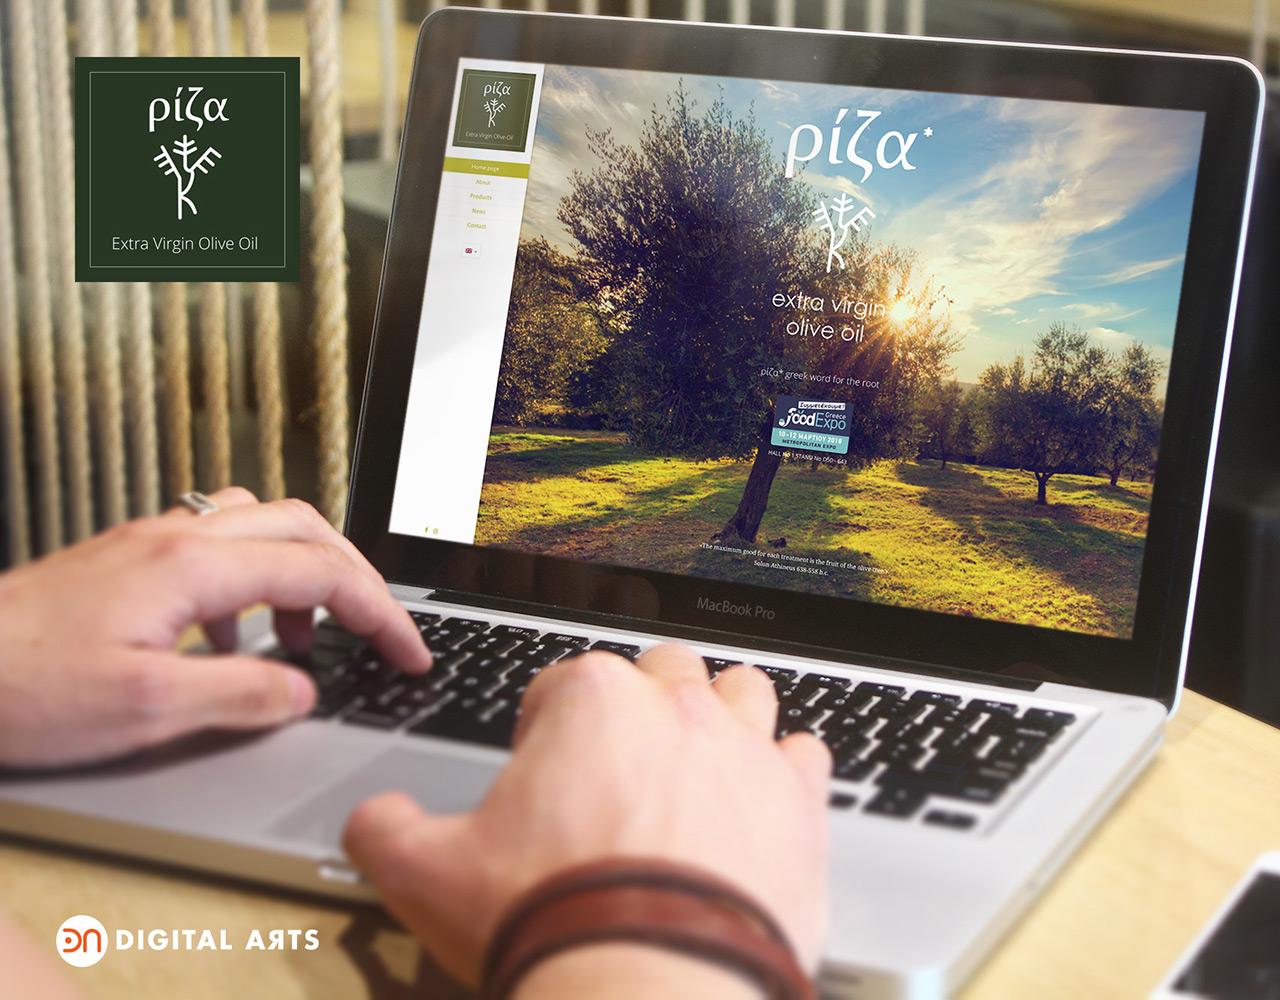 Ρίζα έξτρα παρθένο ελαιόλαδο, κατασκευή ιστοσελίδας